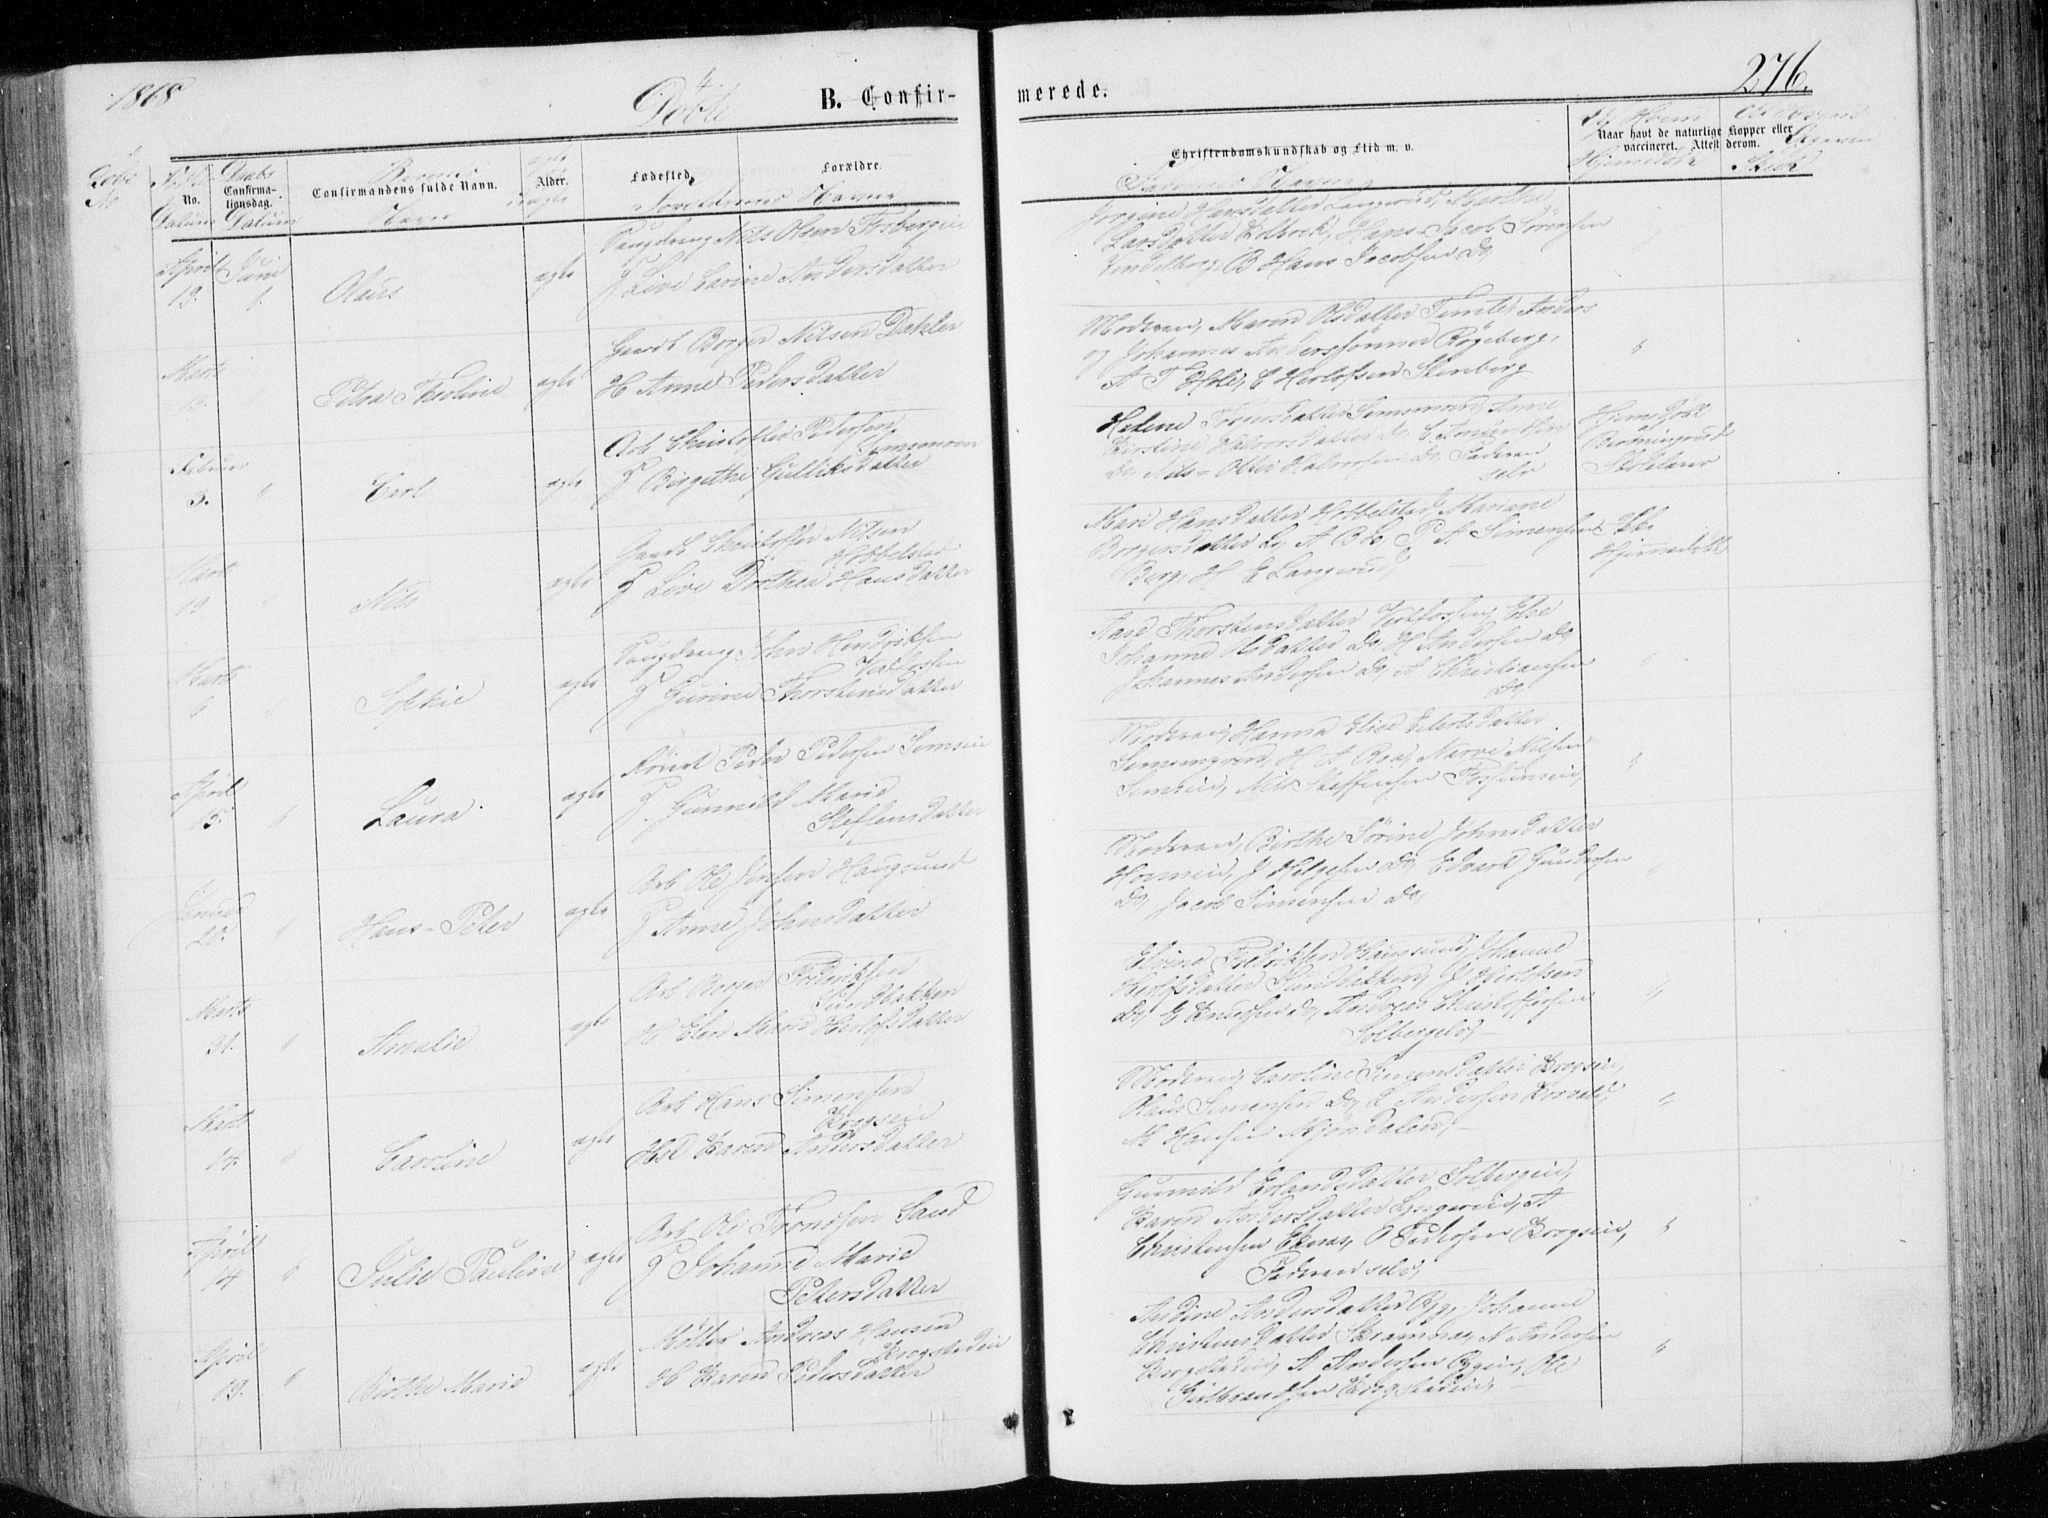 SAKO, Eiker kirkebøker, G/Ga/L0003: Klokkerbok nr. I 3, 1856-1871, s. 276